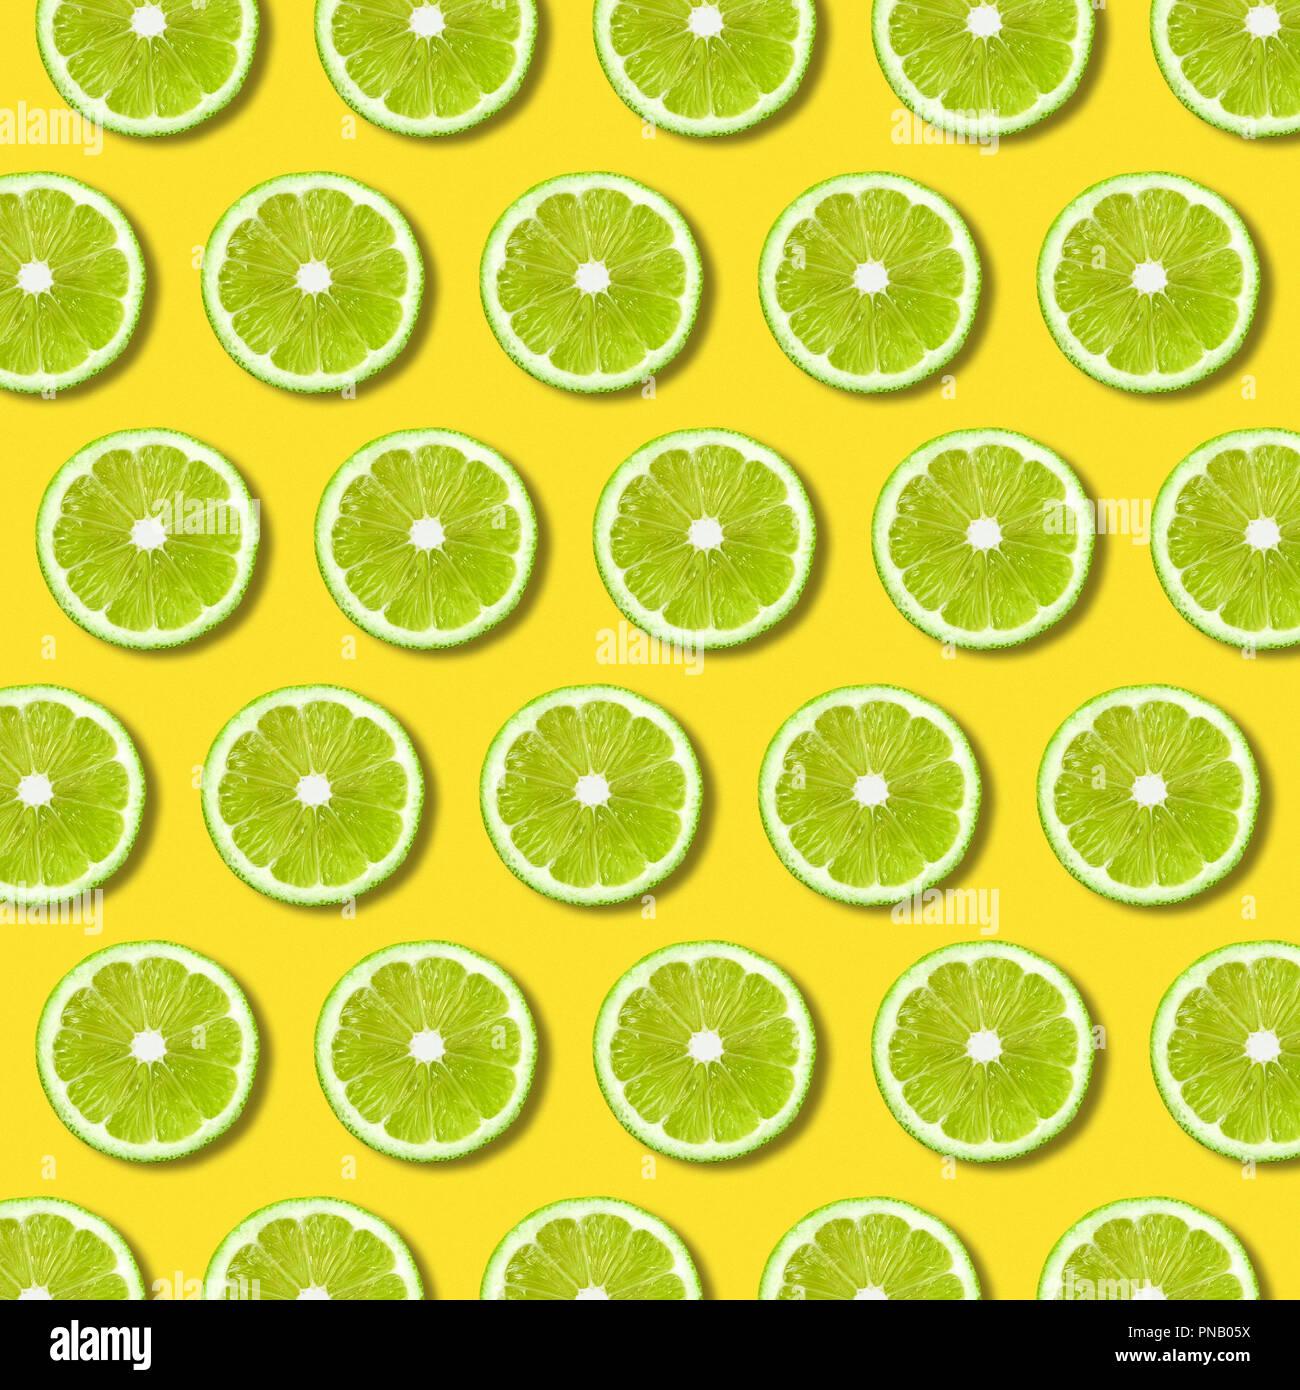 Rodajas de limón verde patrón sobre fondo de color amarillo vibrante. Textura Alimentos laicos fija mínima Imagen De Stock